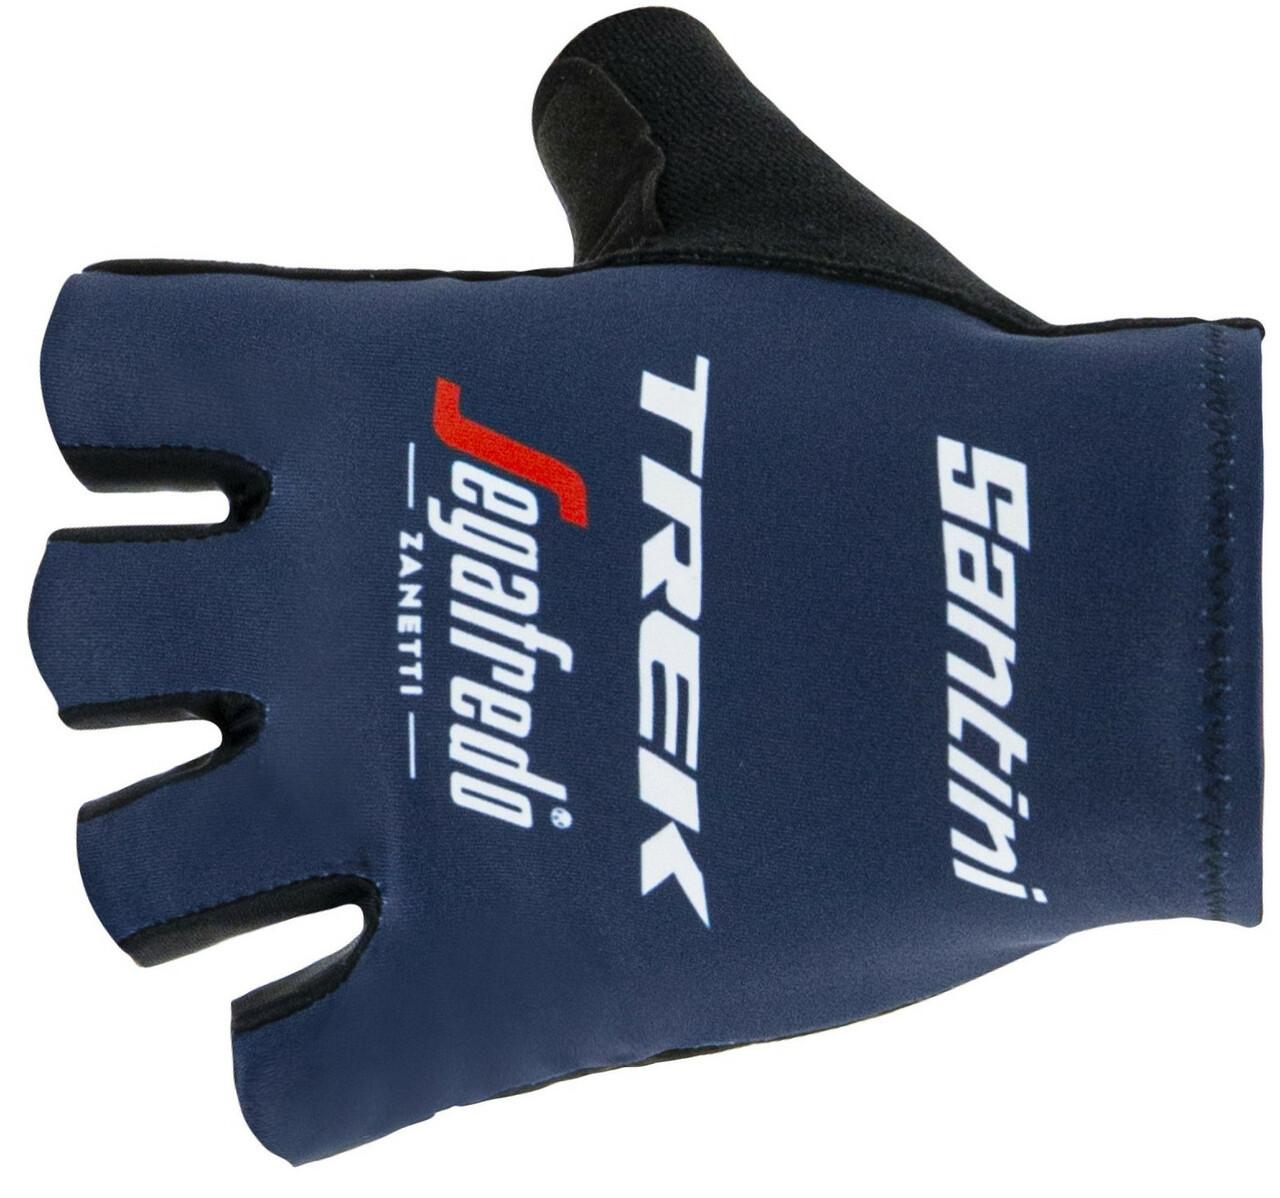 2021 Trek Segafredo Gloves